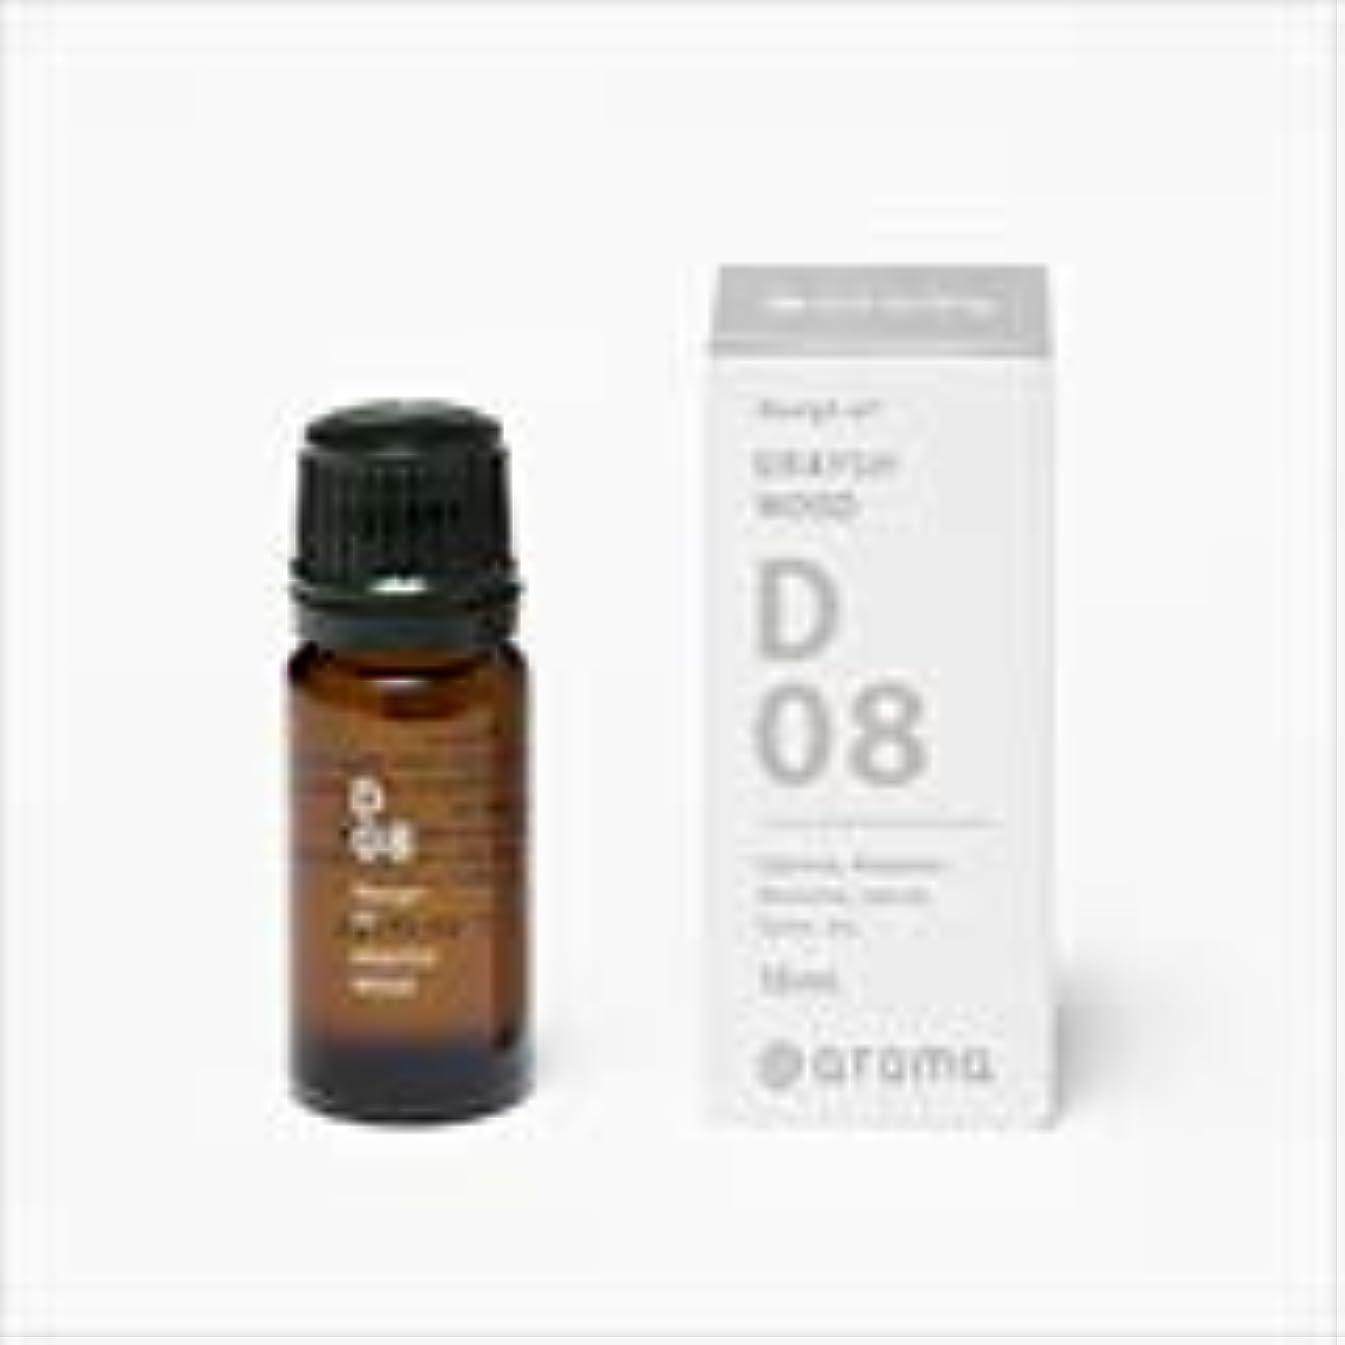 に対処する探すシンクアットアロマ 100%pure essential oil <Design air ミスティーチャコール>